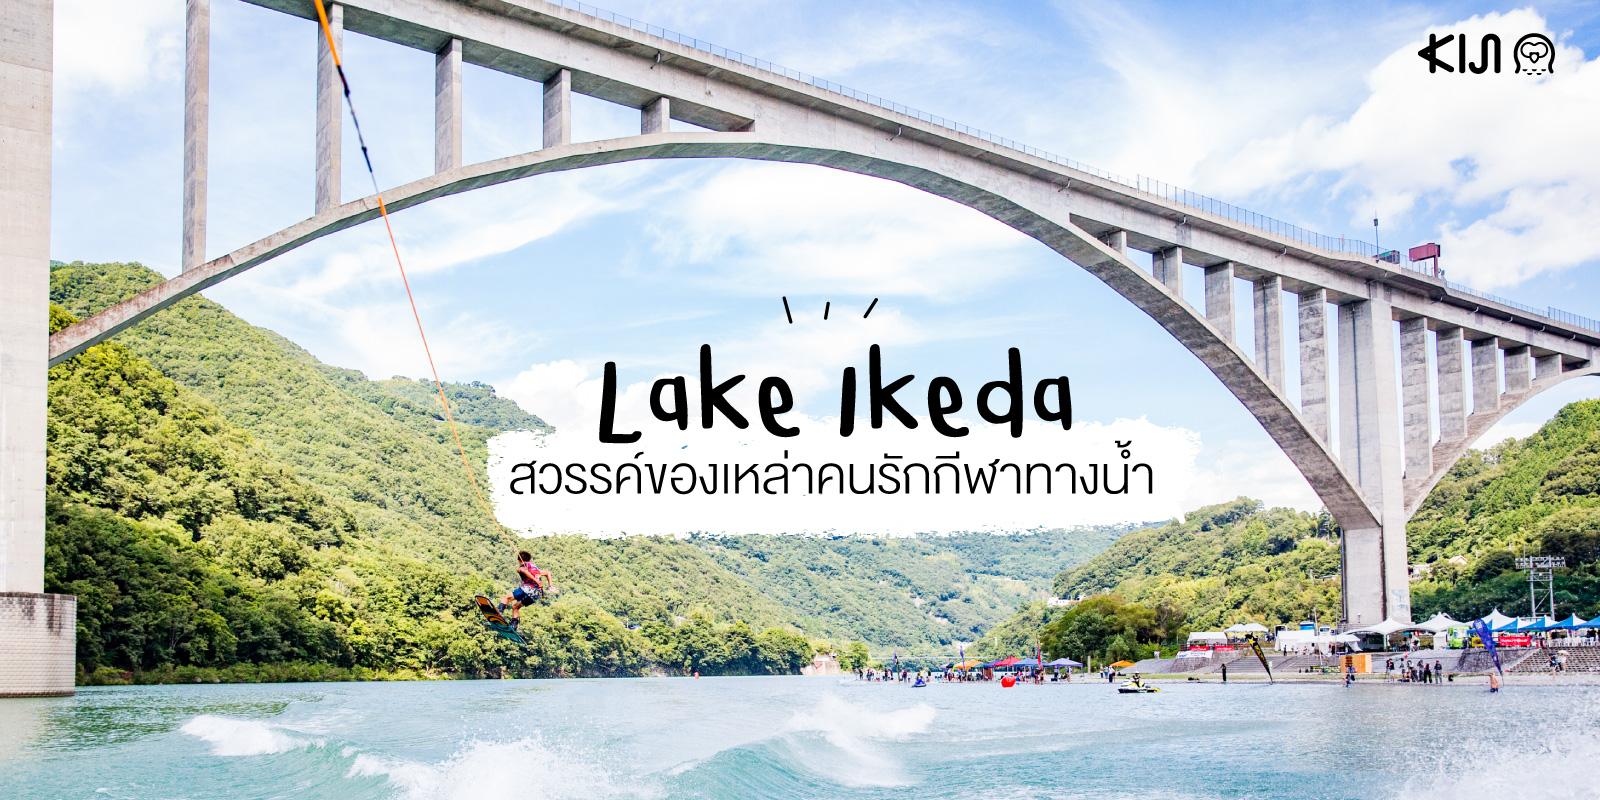 ทะเลสาบอิเคดะ (Lake Ikeda) ทะเลสาบน้ำใสในโทคุชิมะ